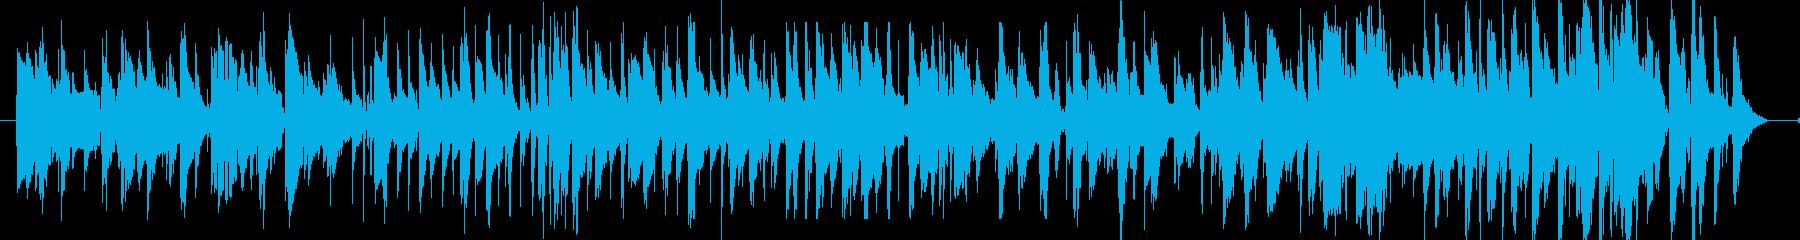 ムーディな雰囲気漂う大人のジャズの再生済みの波形